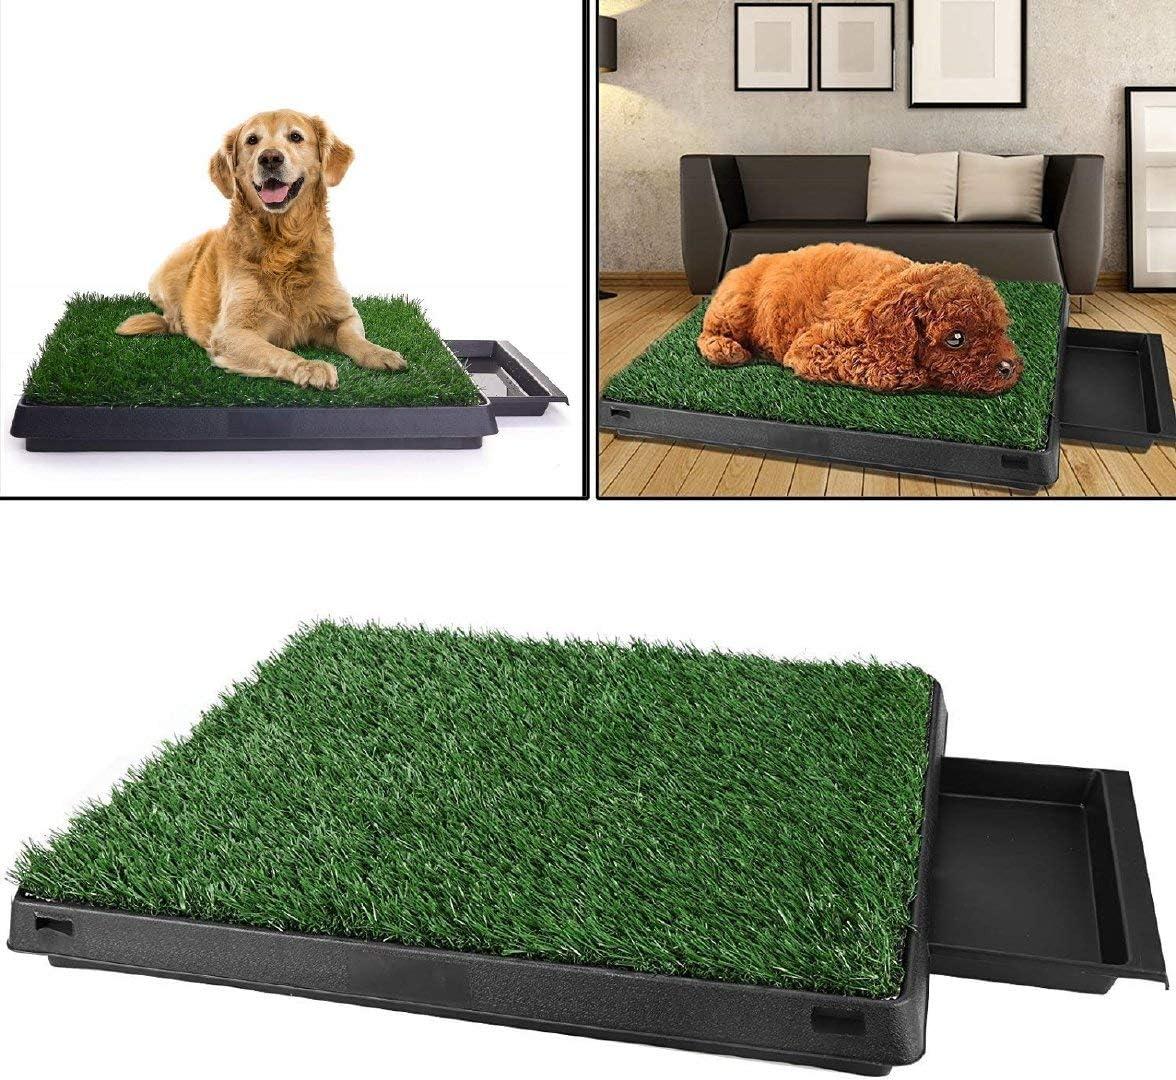 Pujuas - Inodoro para Perros, Inodoro para Perros, Base de Entrenamiento con césped Artificial 63 x 50 x 7 cm (Largo x Ancho x Alto)